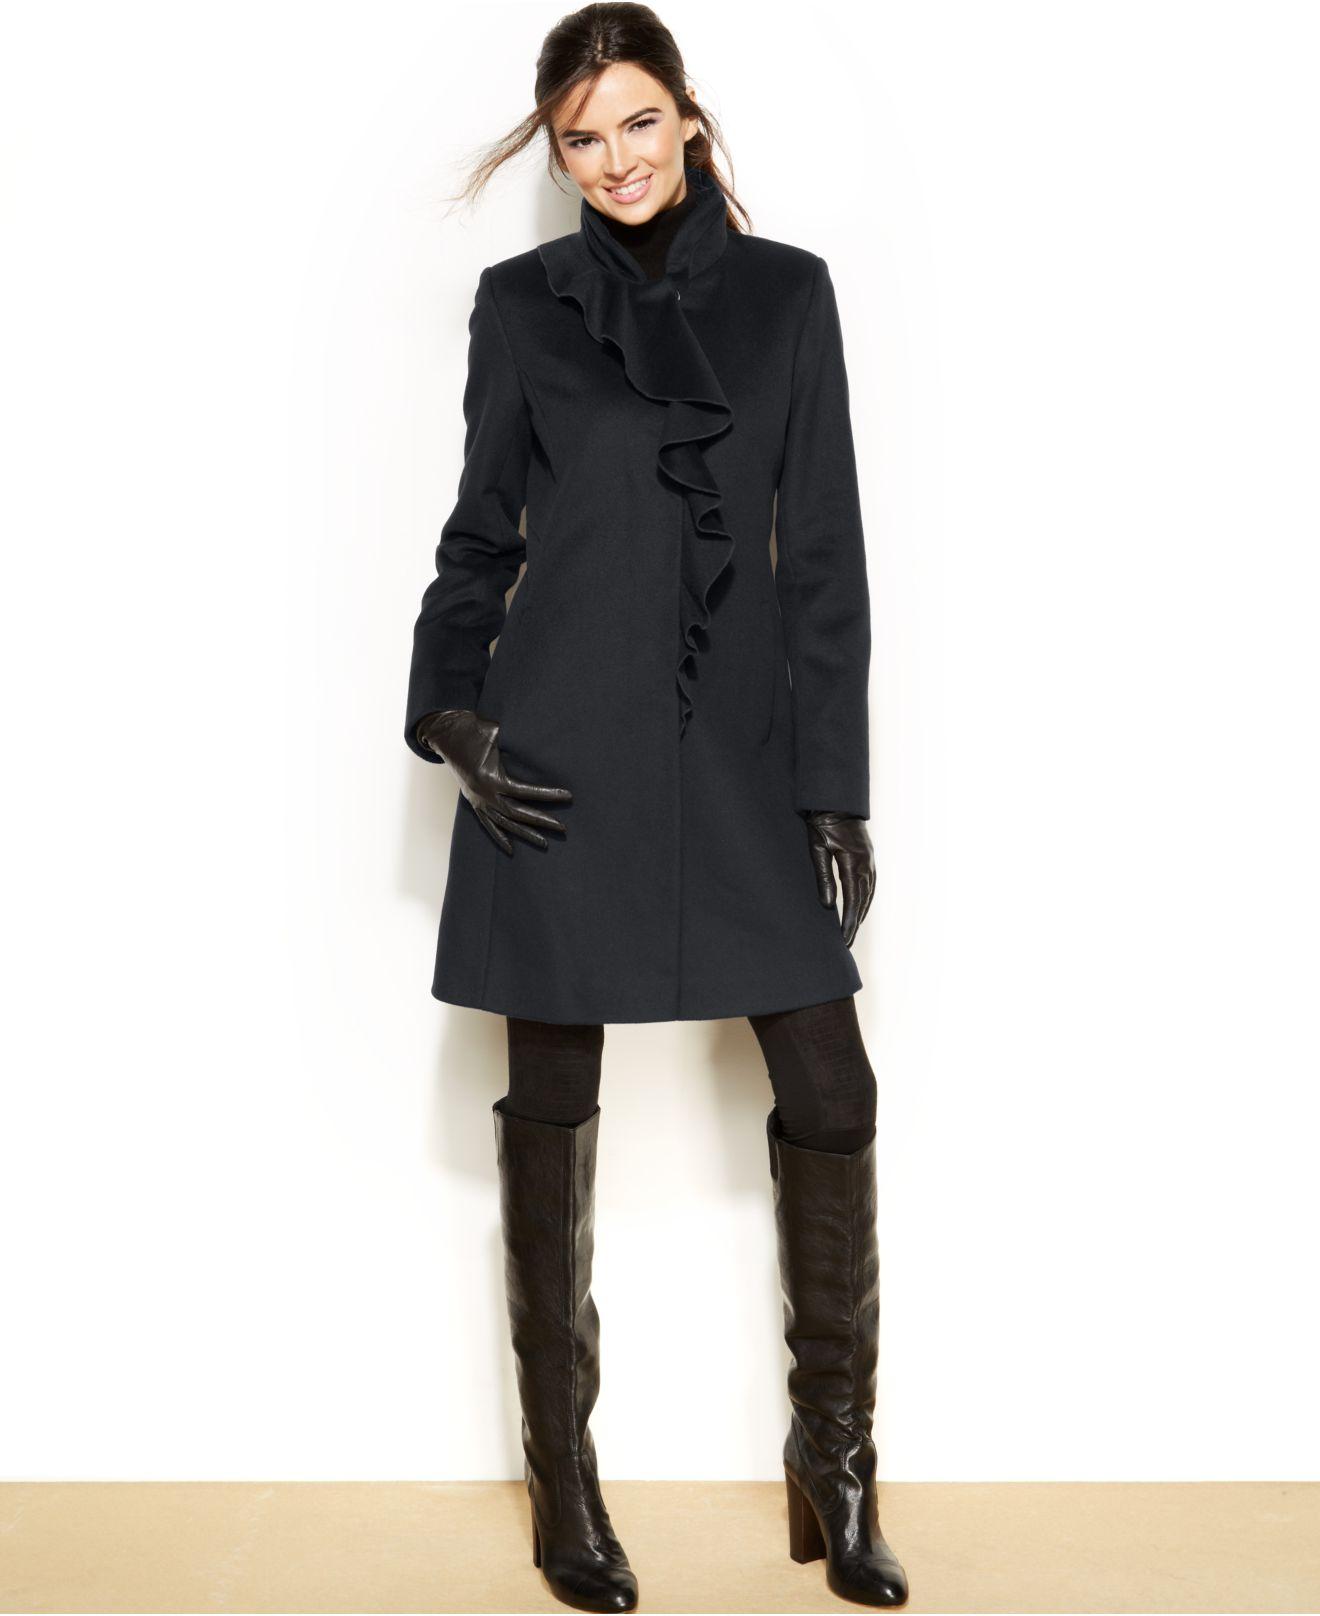 Dkny Petite Wool-Blend Ruffled Walker Coat in Gray | Lyst